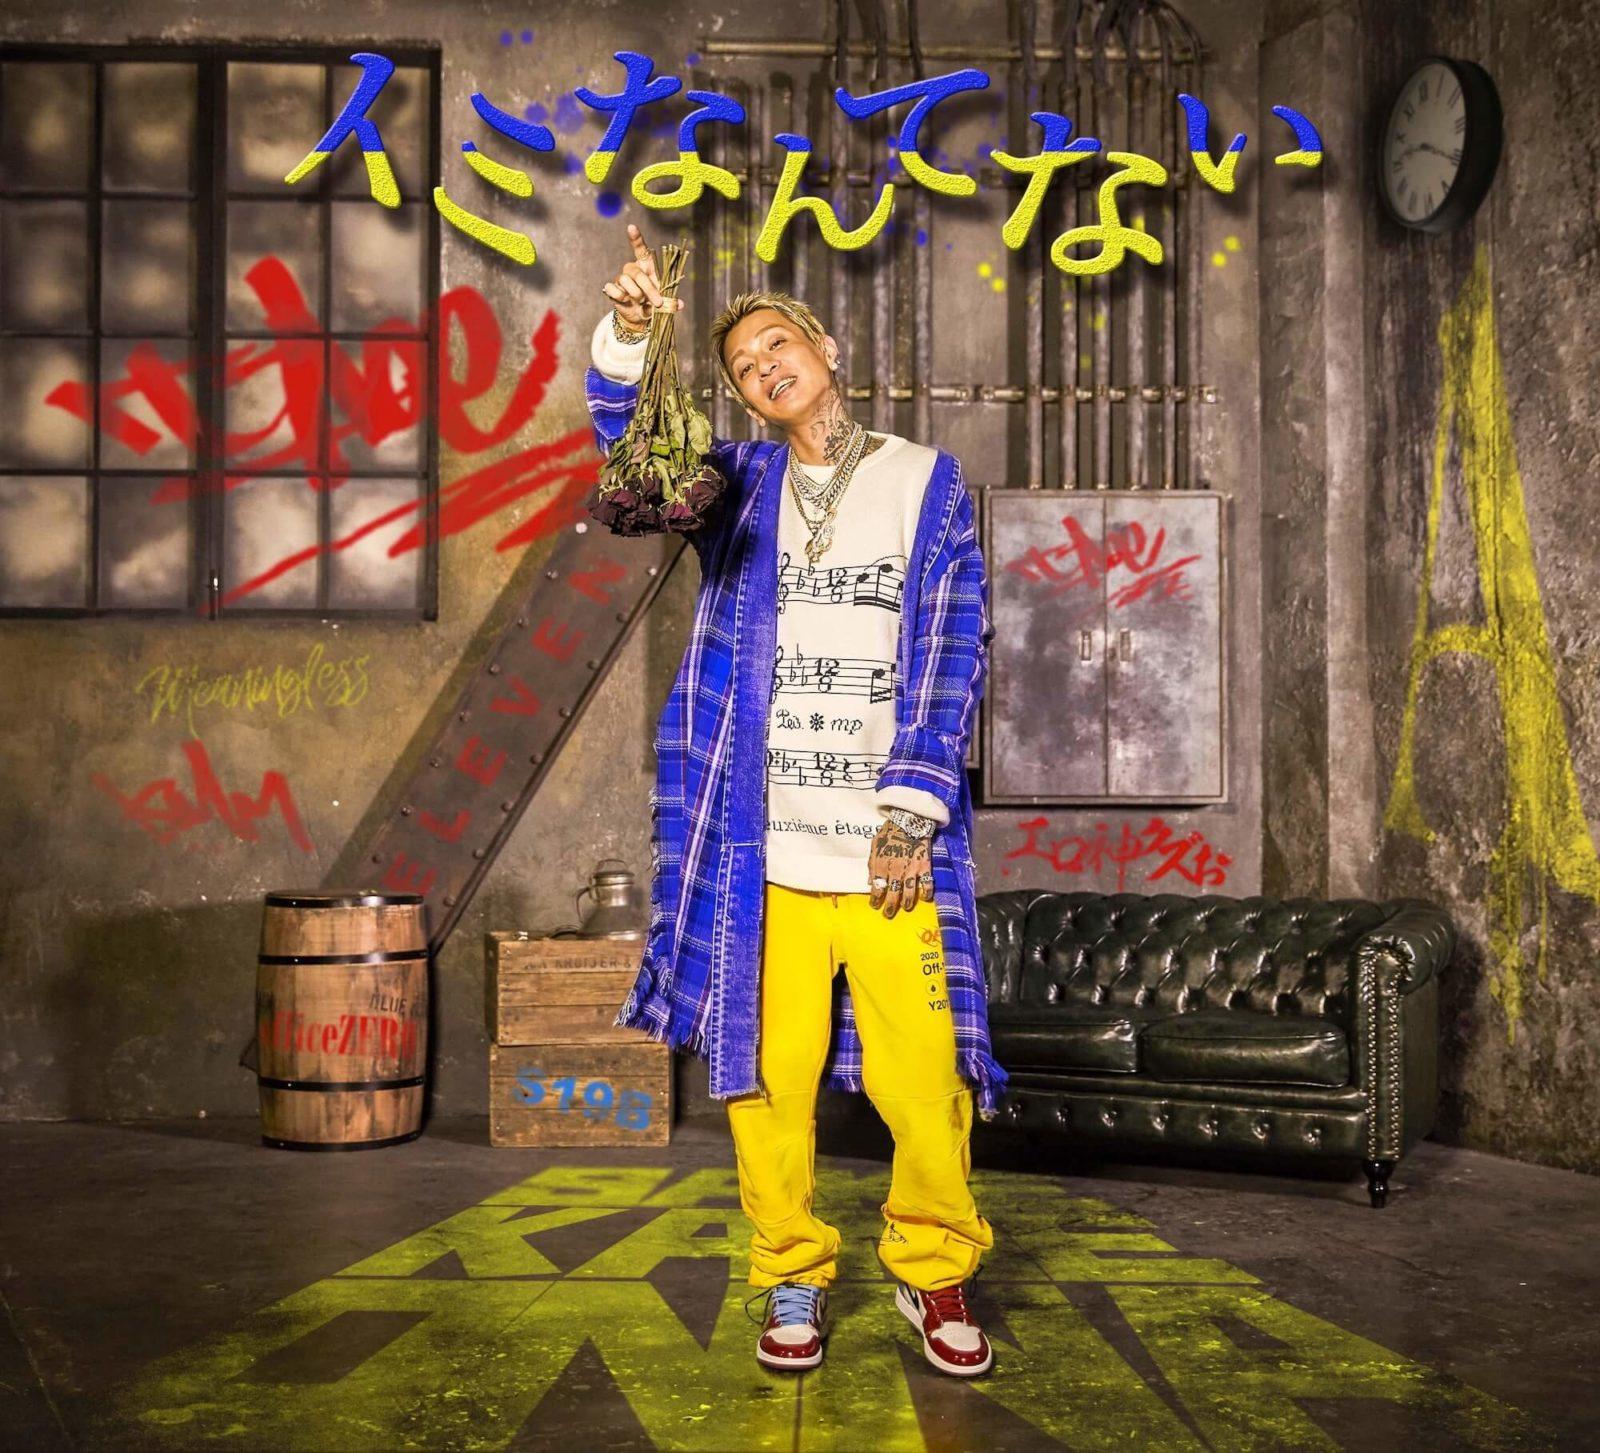 t-Ace、ニューアルバム「イミなんてない」リリース!全国ツアーの開催も決定サムネイル画像